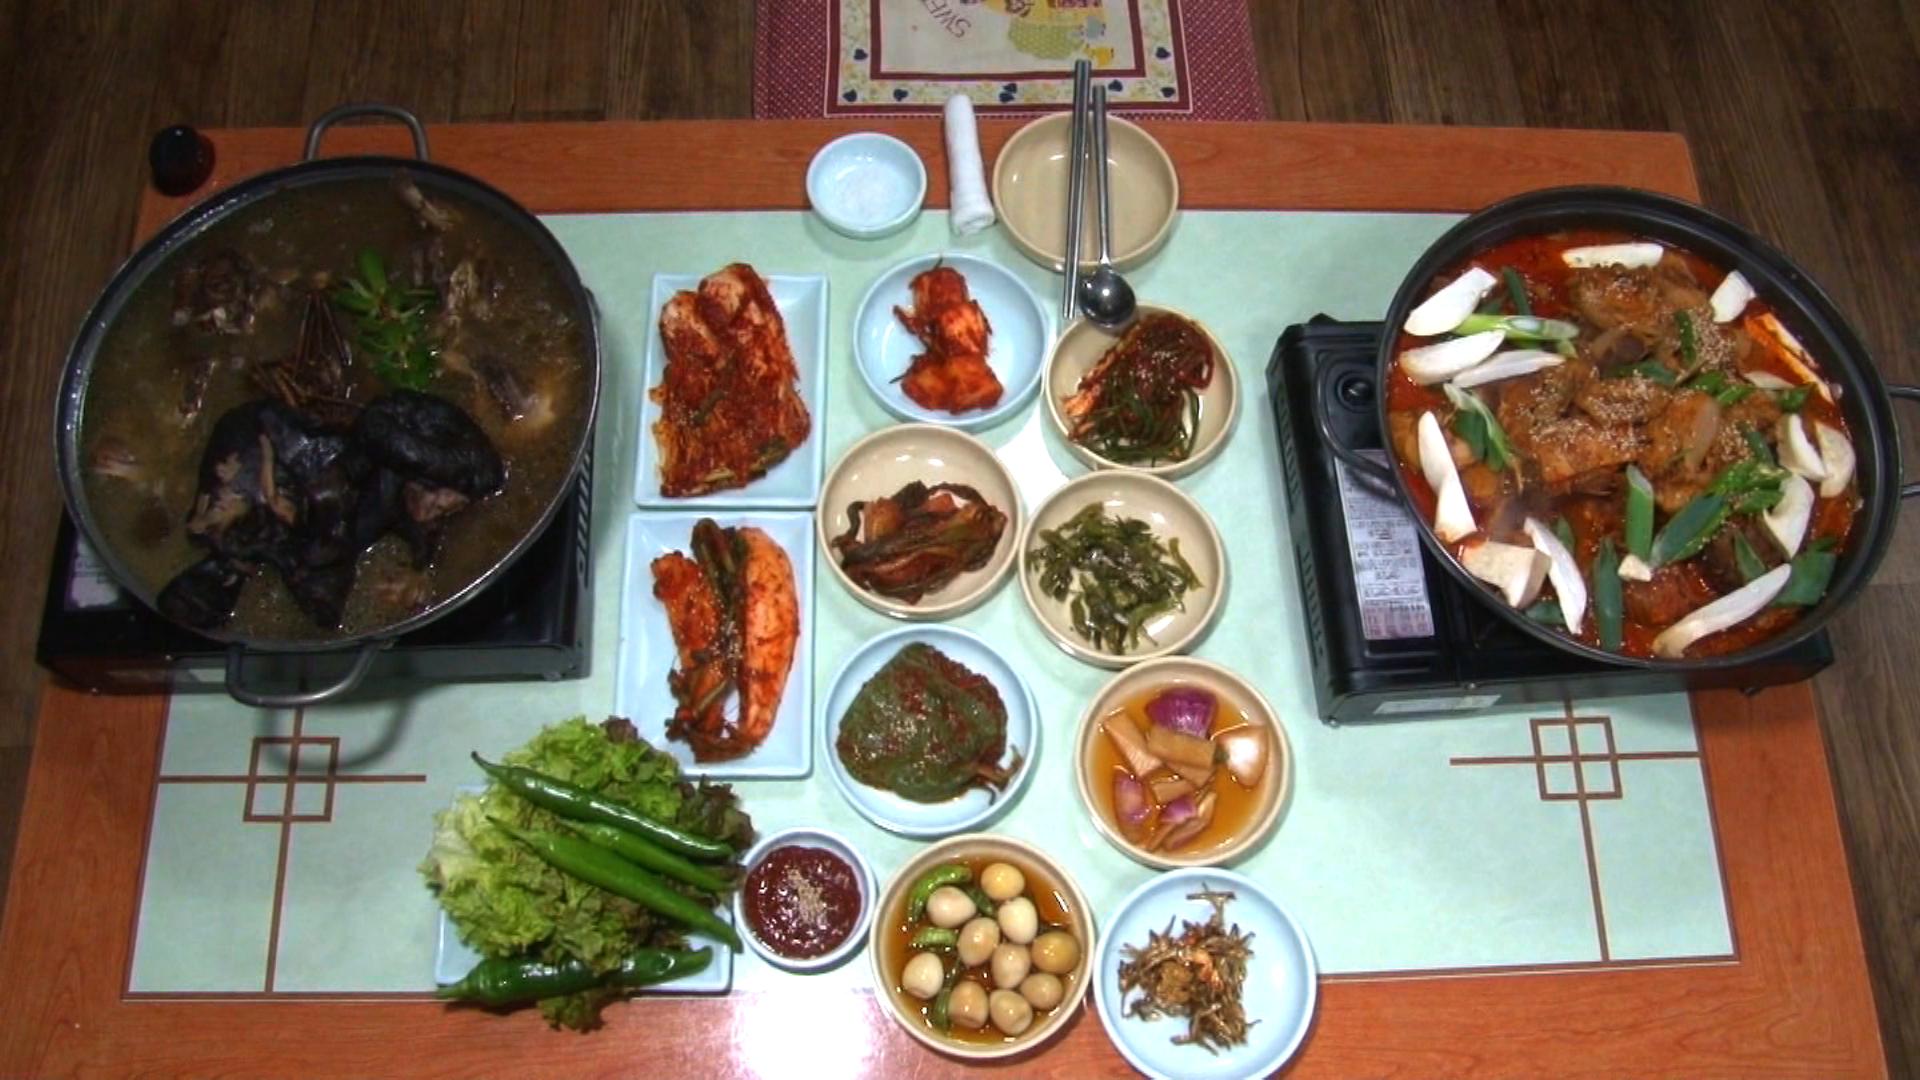 VJ 특공대 (2TV, 11월 17일) 2만 포기 김장하는 날 외